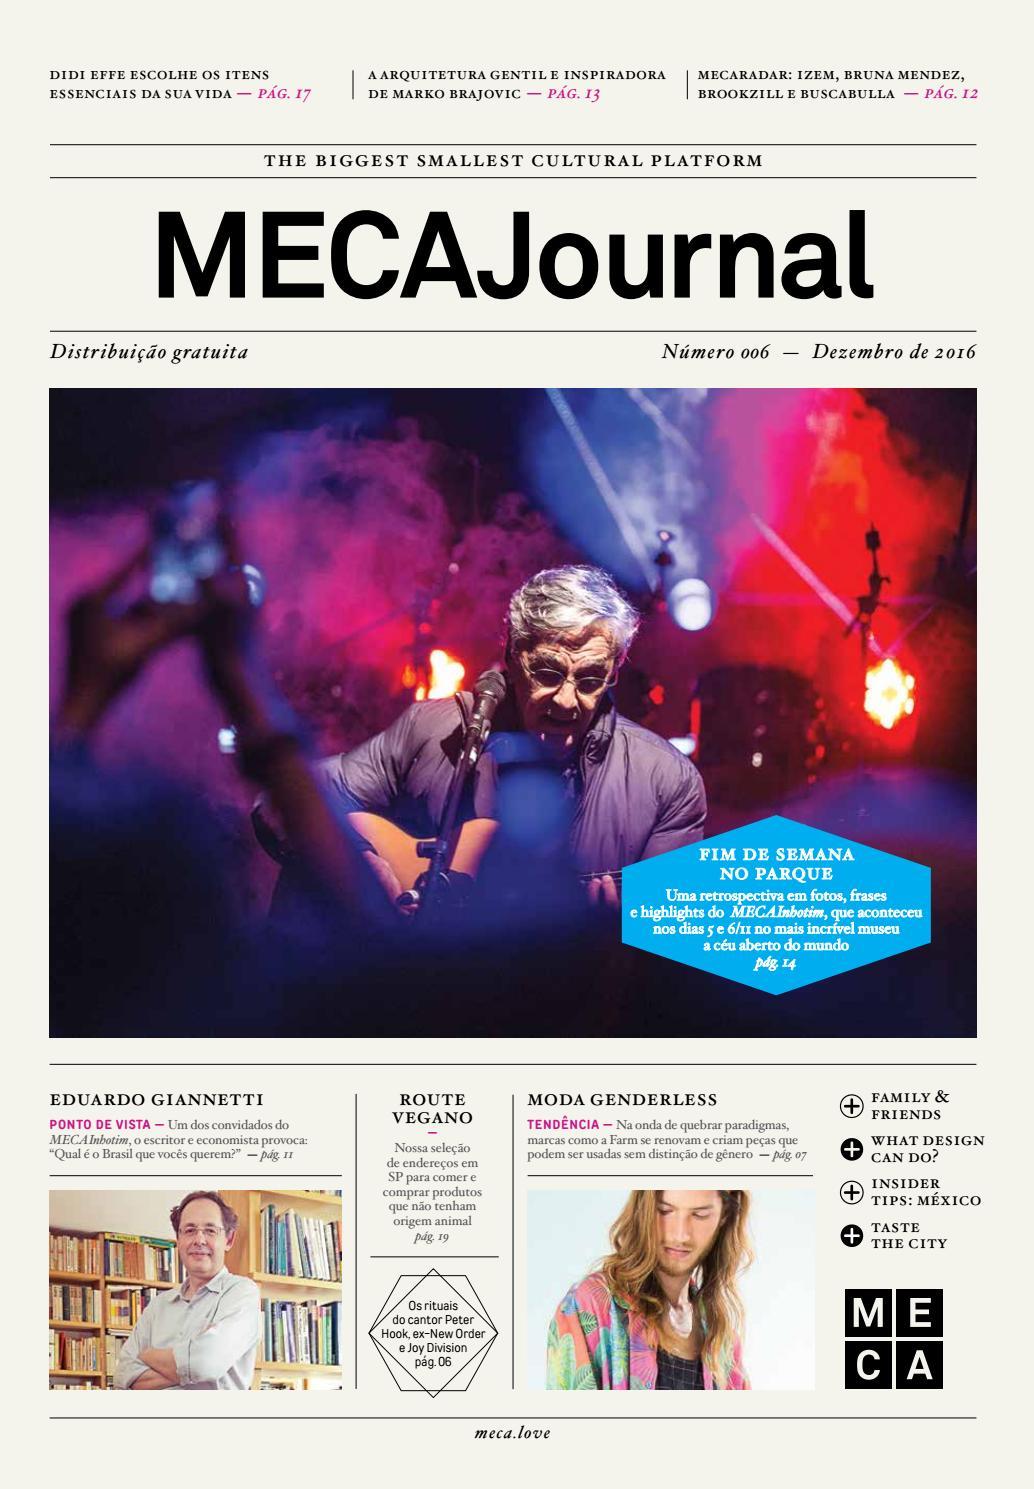 Mecajournal 06 Dezembro 2016 By Mecalovemeca Issuu